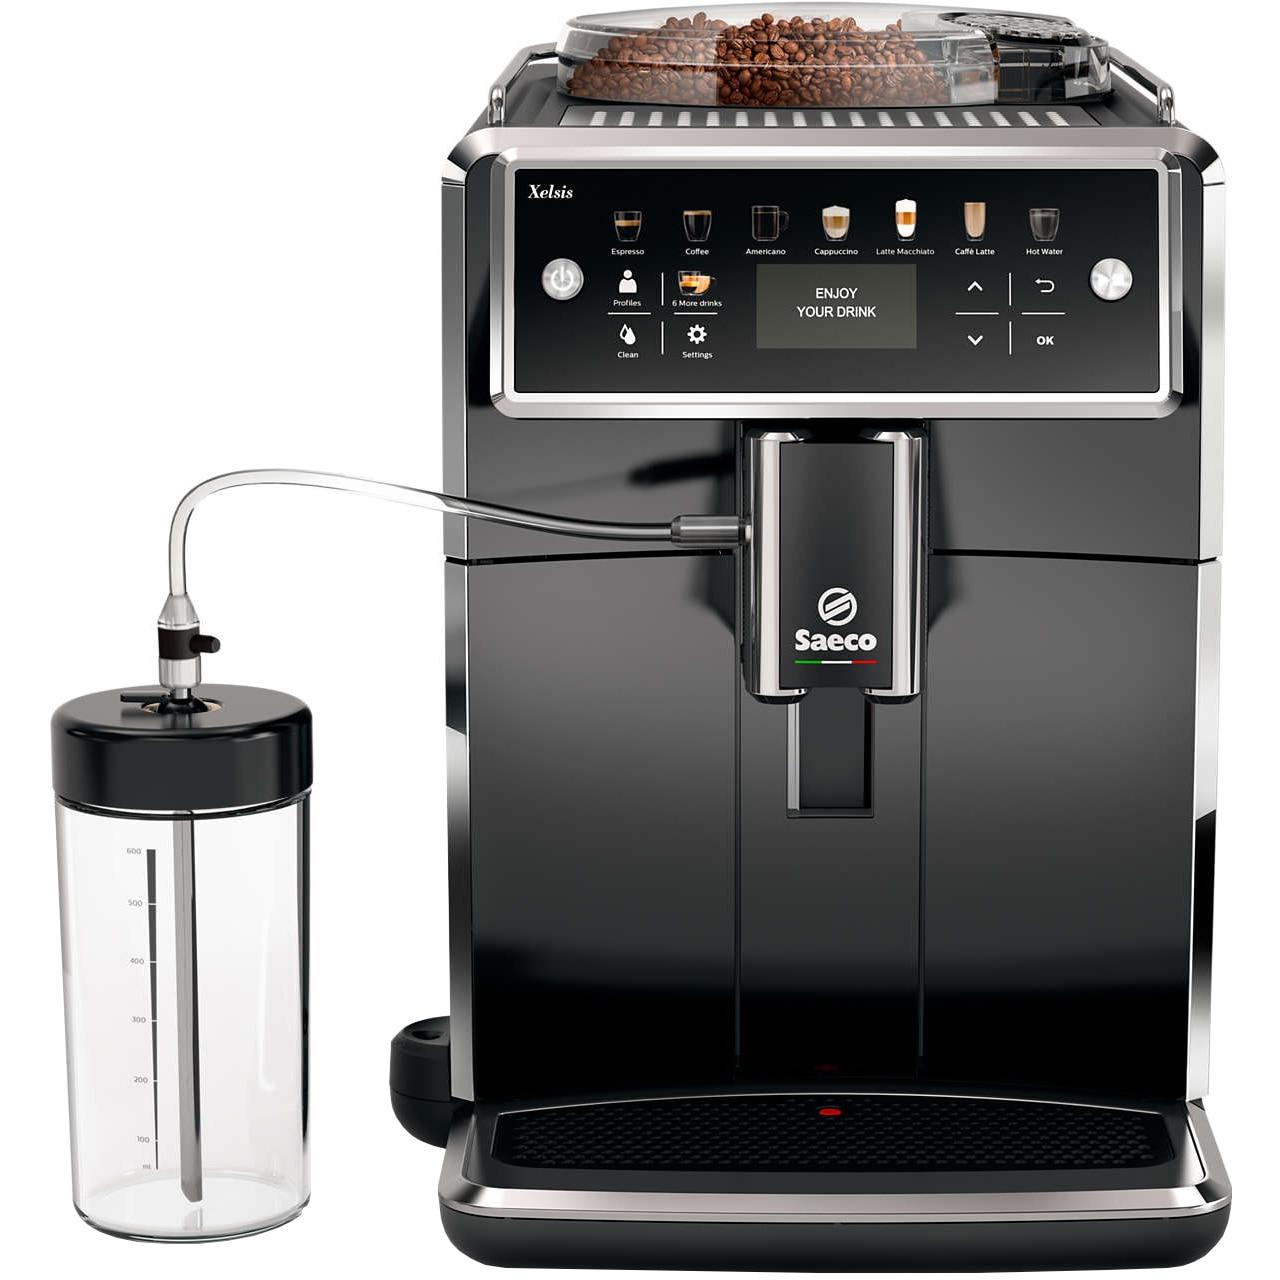 Fotografie Espressor automat Saeco Xelsis SM7580/00, Sistem Latteduo, 12 selectii, 5 setari intensitate, Rasnita ceramica cu 12 trepte, AquaClean, Afisaj LCD, Negru